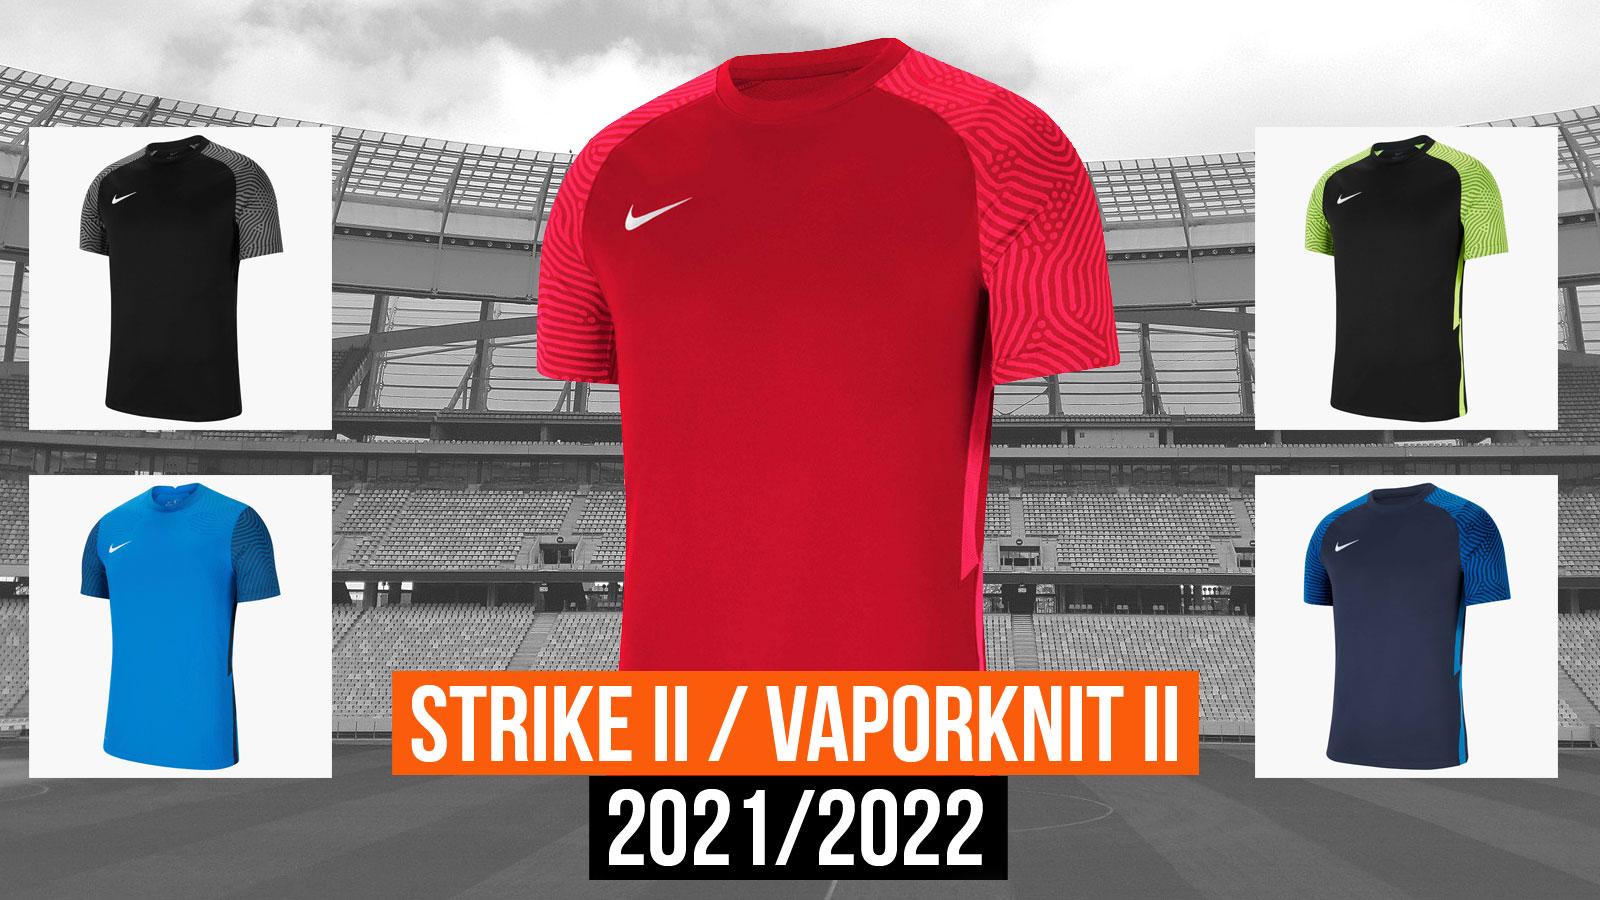 nike-vaporknit-ii-strike-ii-jersey-2021.